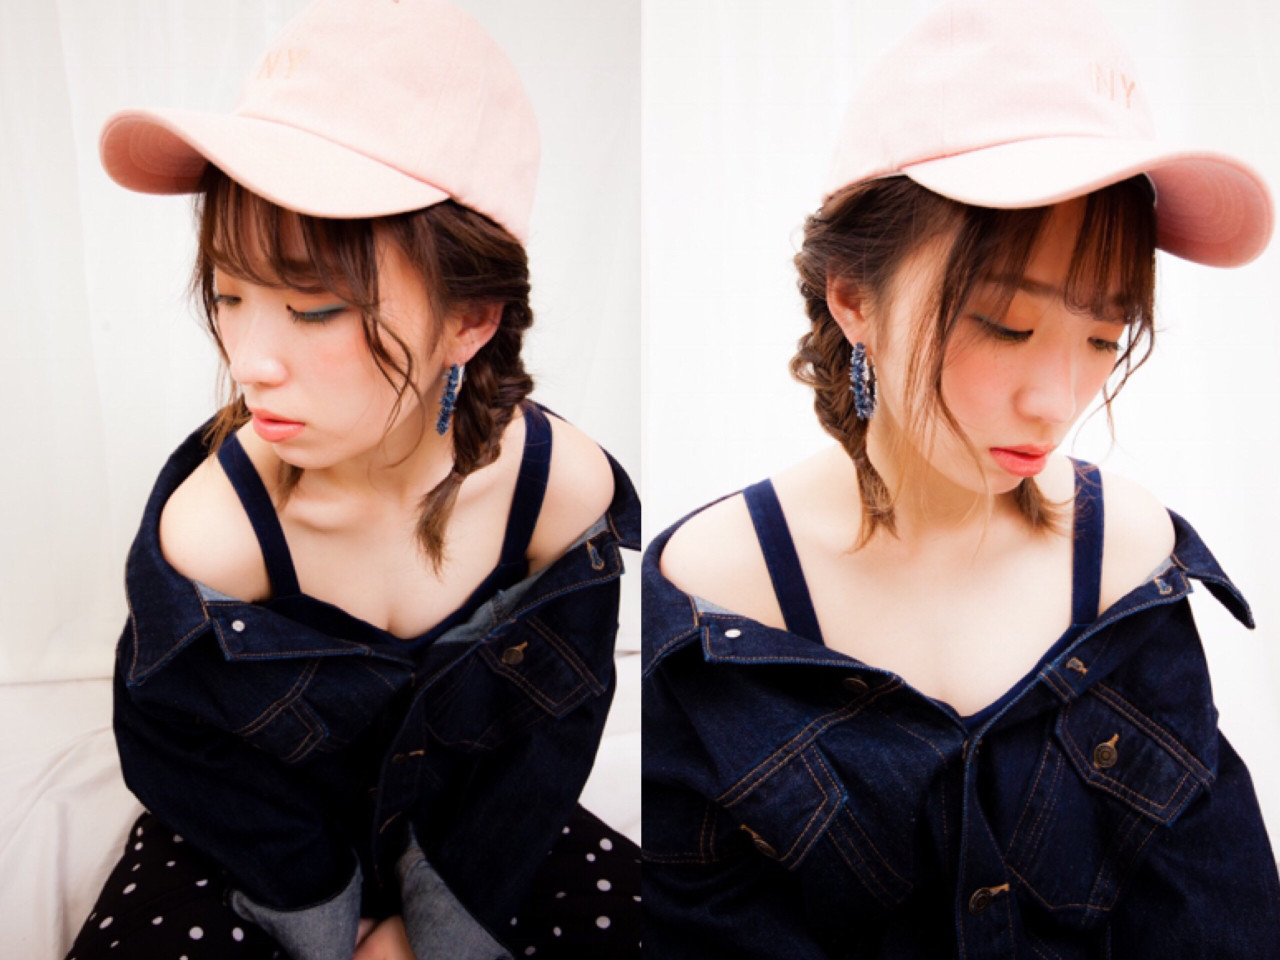 ミルクティー ヘアアレンジ フィッシュボーン フェミニン ヘアスタイルや髪型の写真・画像